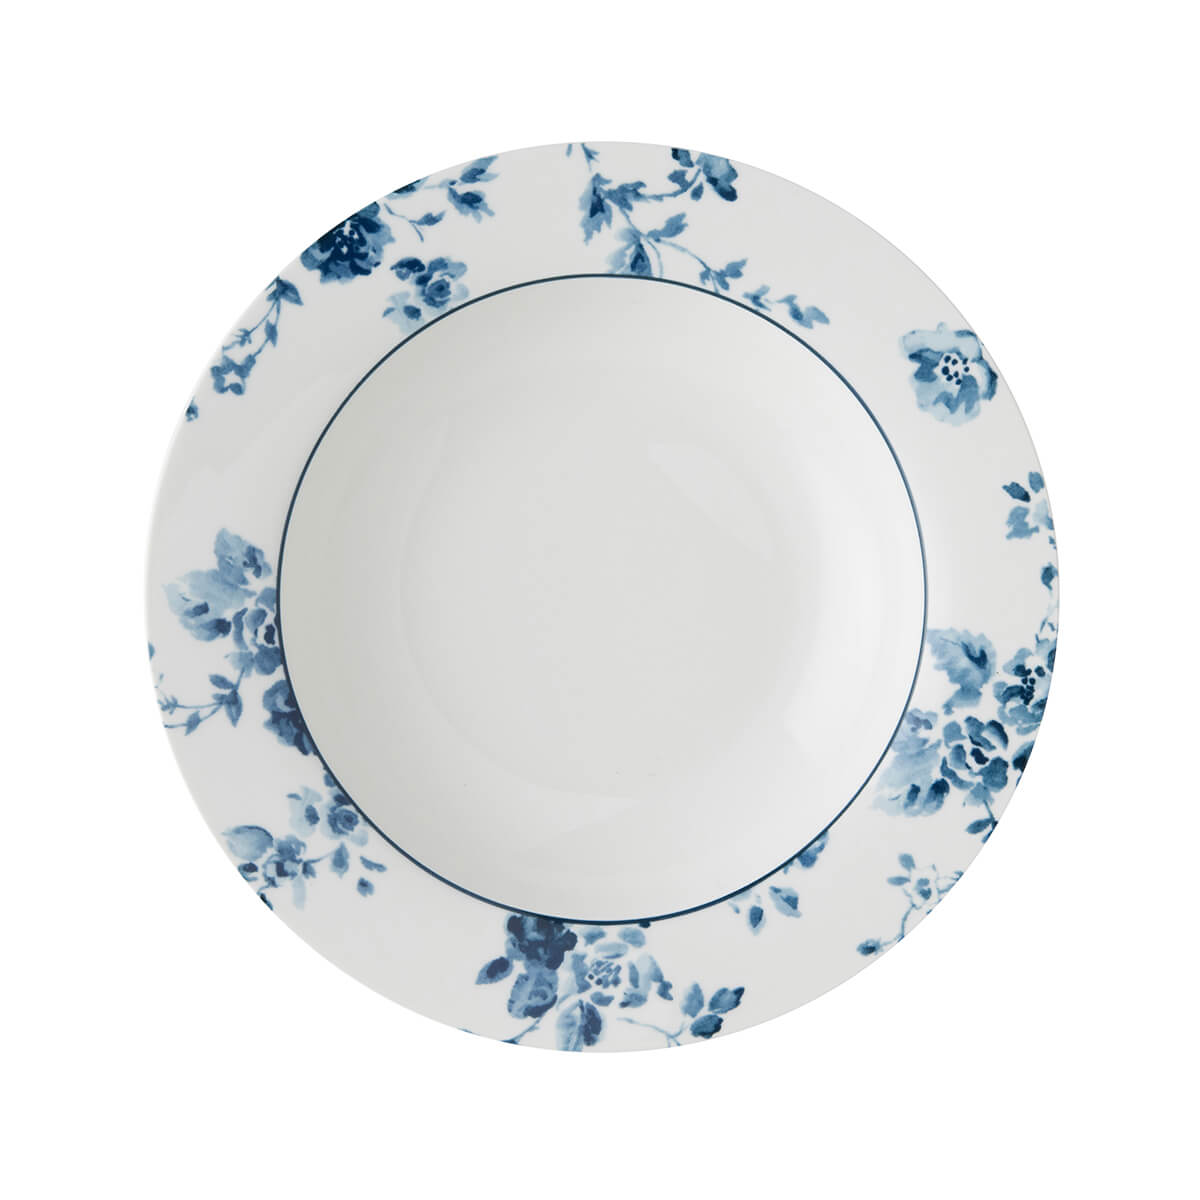 Онлайн каталог PROMENU: Тарелка глубокая фарфоровая Laura Ashley BLUEPRINT, 22 см, белый с синими розами                               178267